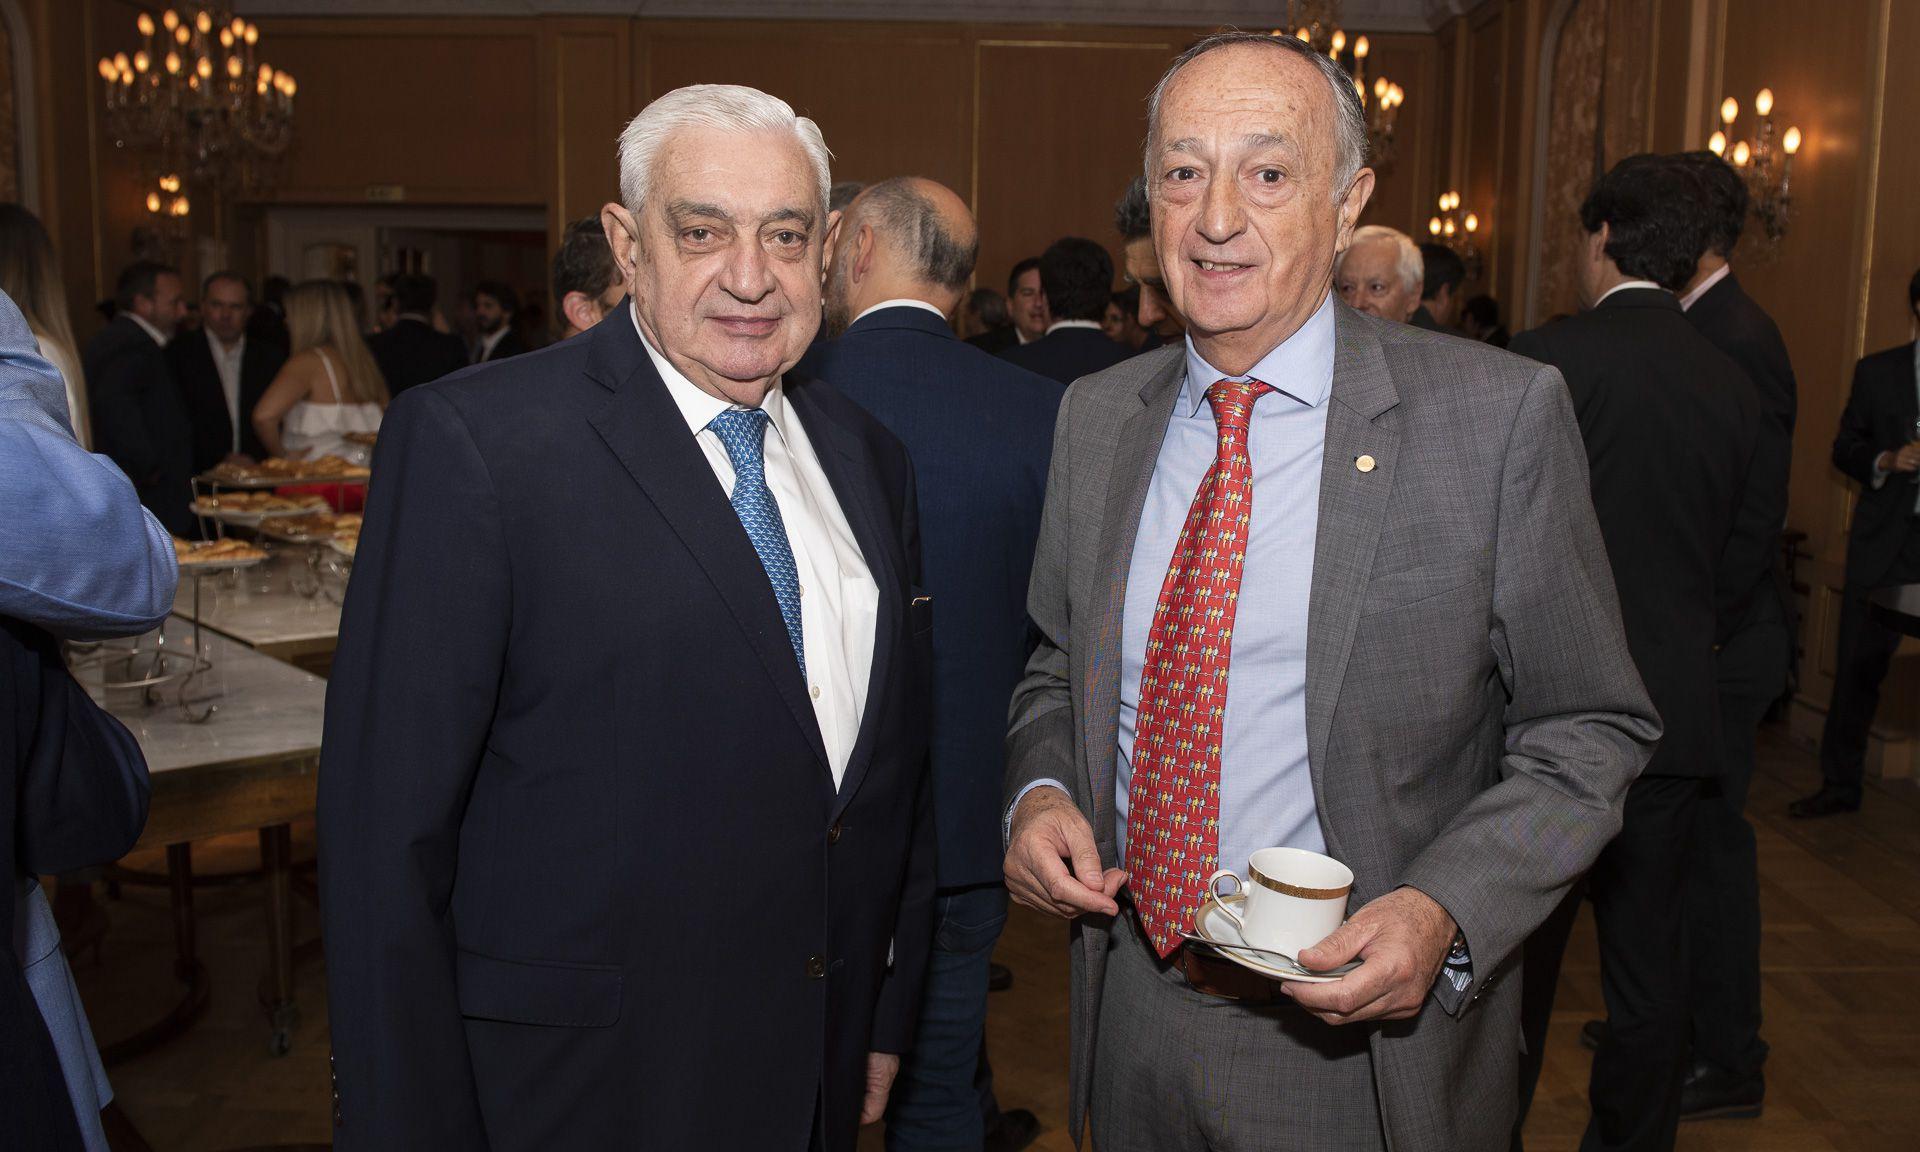 Adelmo Gabbi, titular de la Bolsa de Comercio; y Miguel Acevedo, presidente de la Unión Industrial Argentina